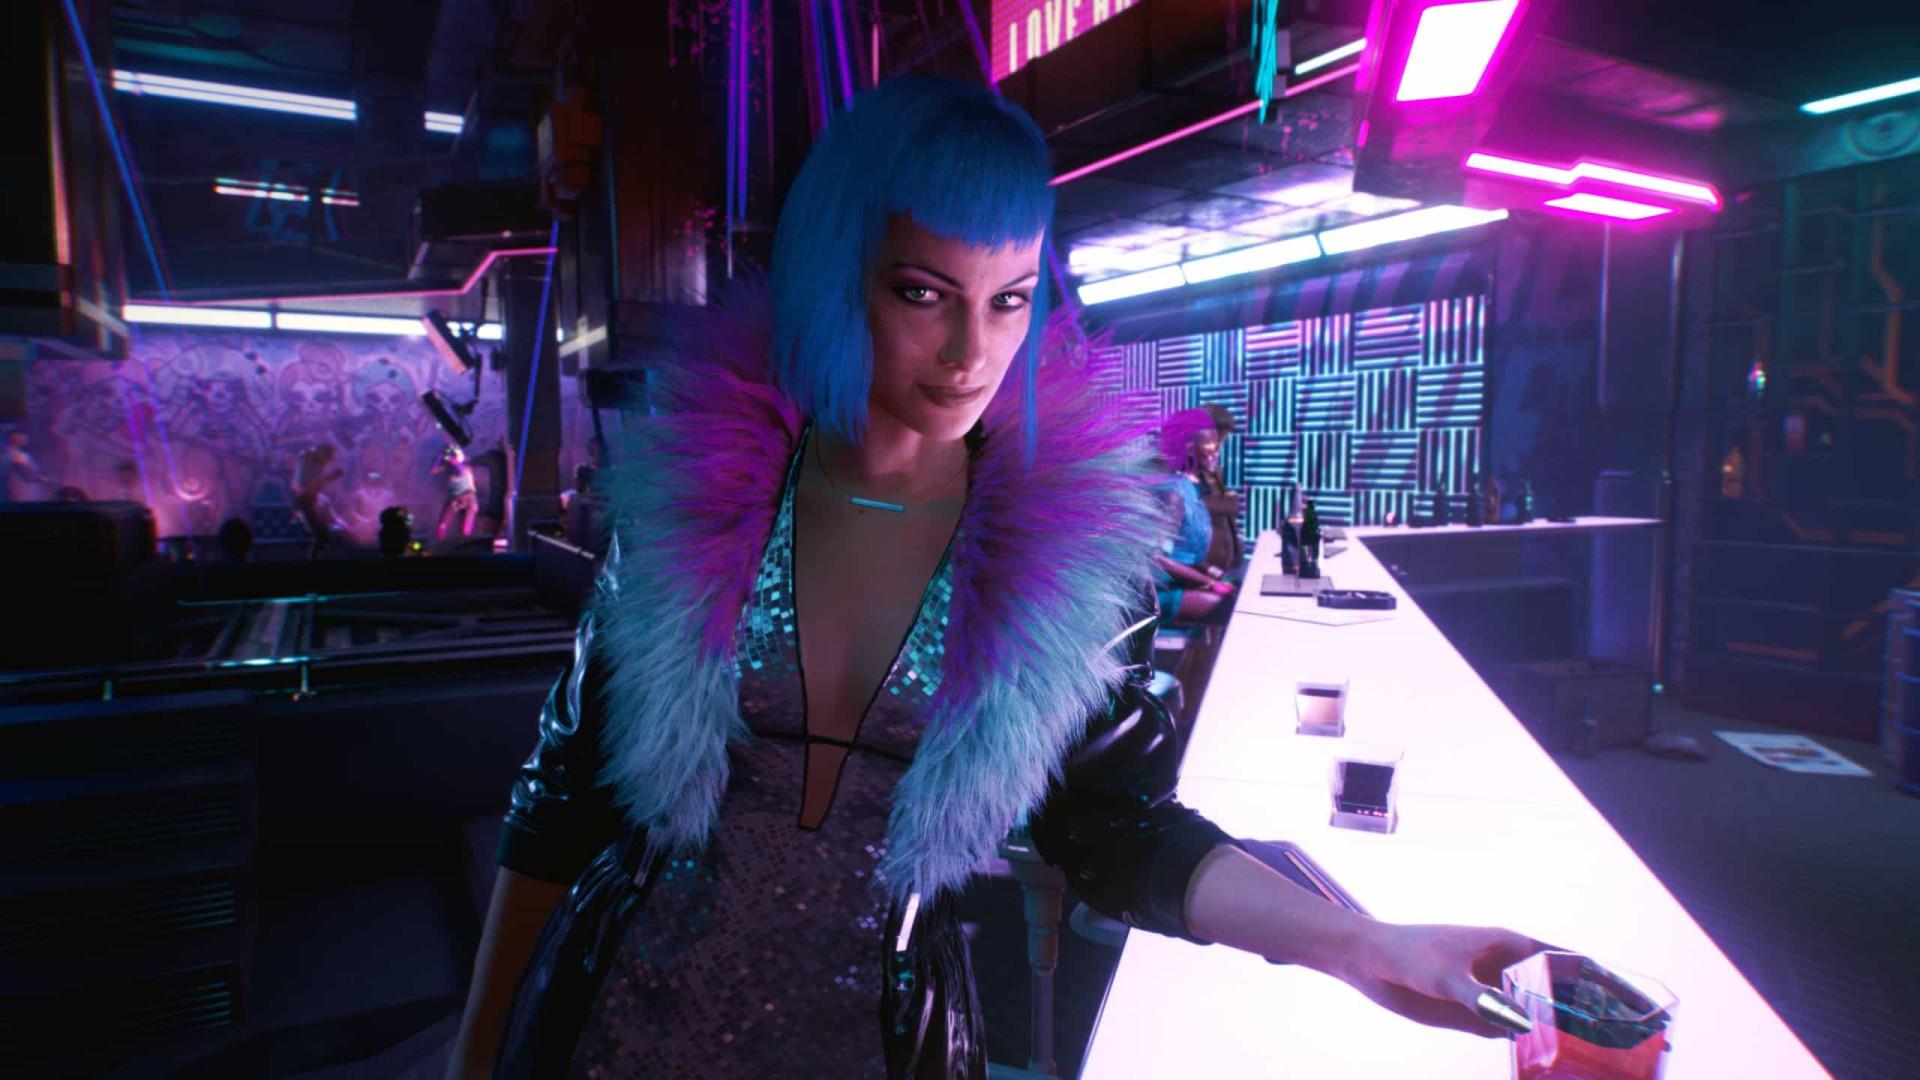 Atualização de 'Cyberpunk 2077' pode ter criado mais problemas ao game